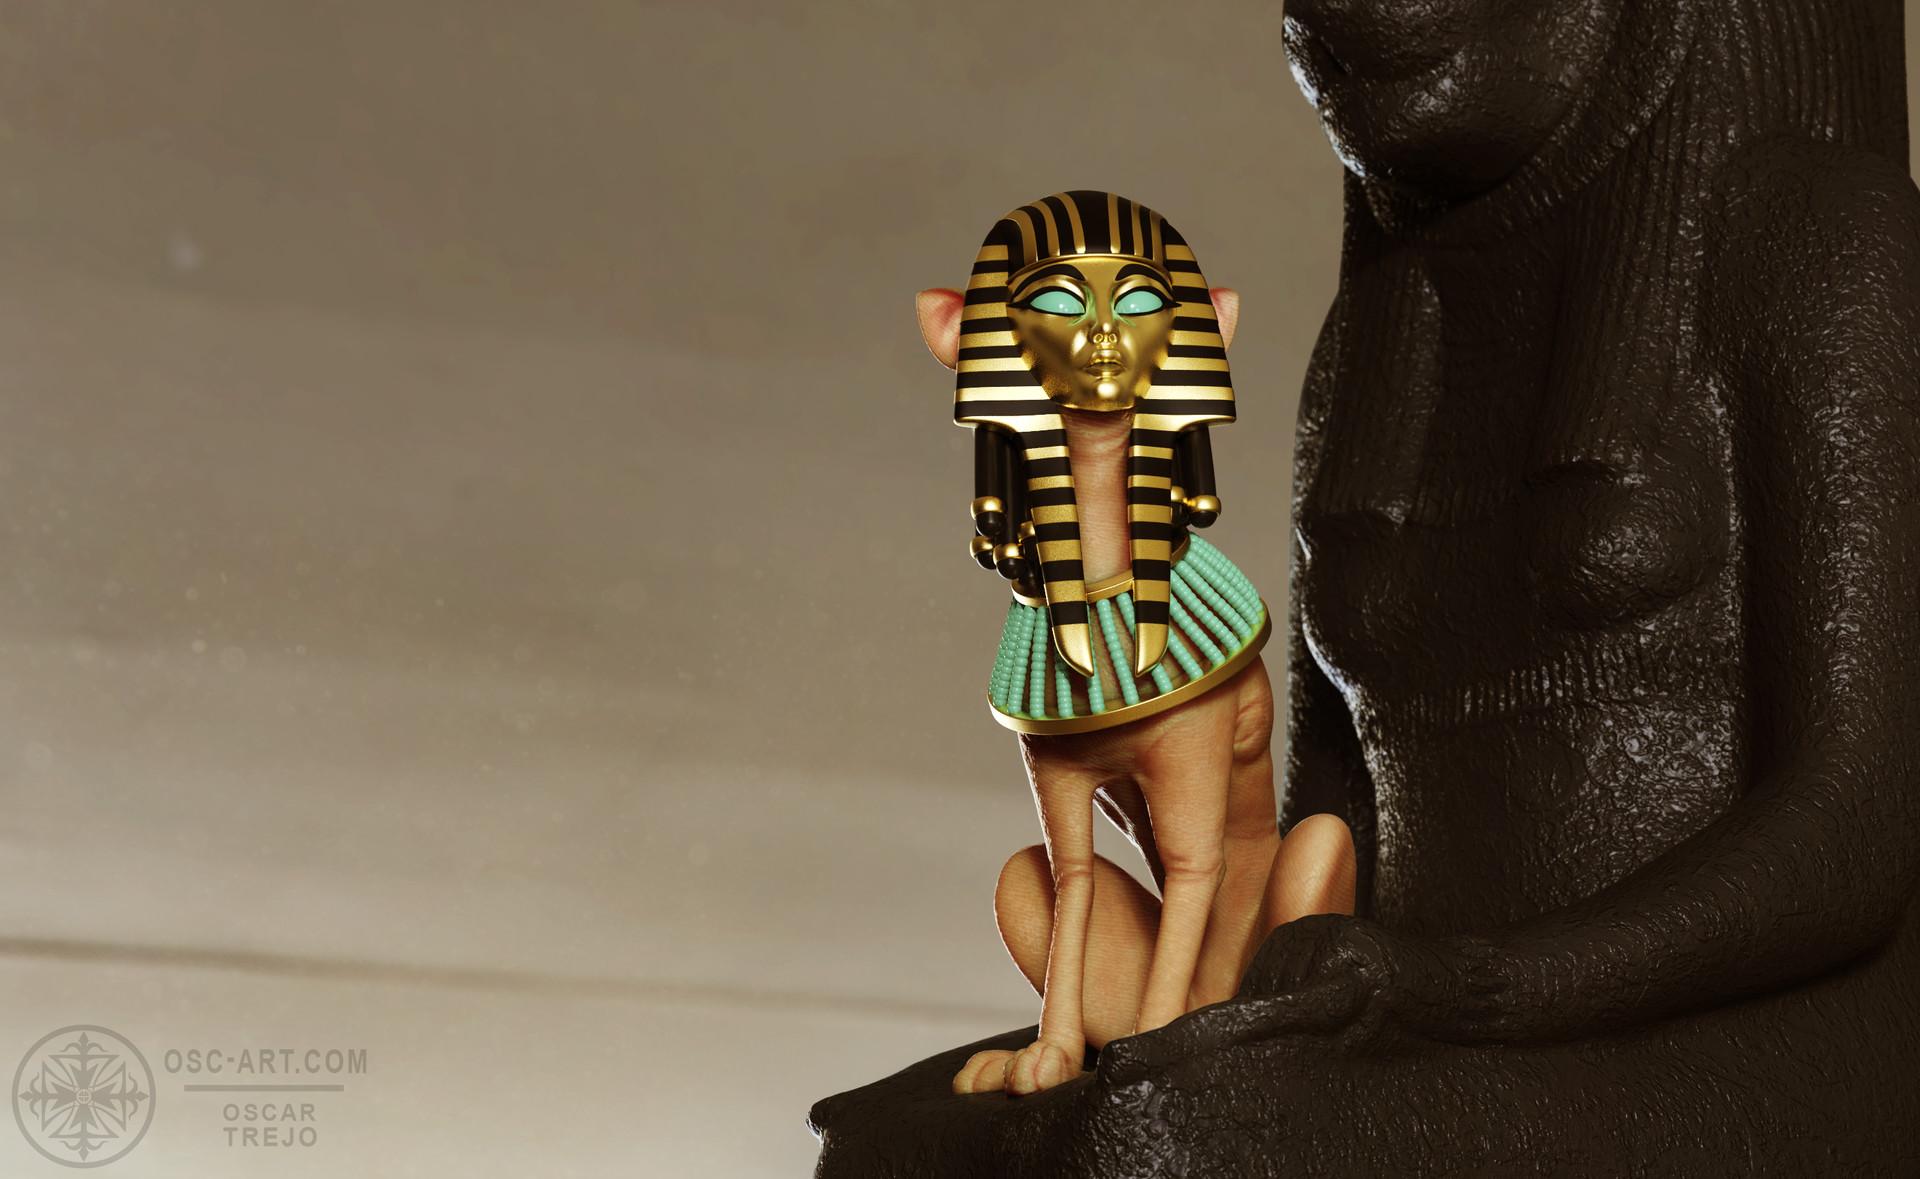 Oscar trejo sphinx4